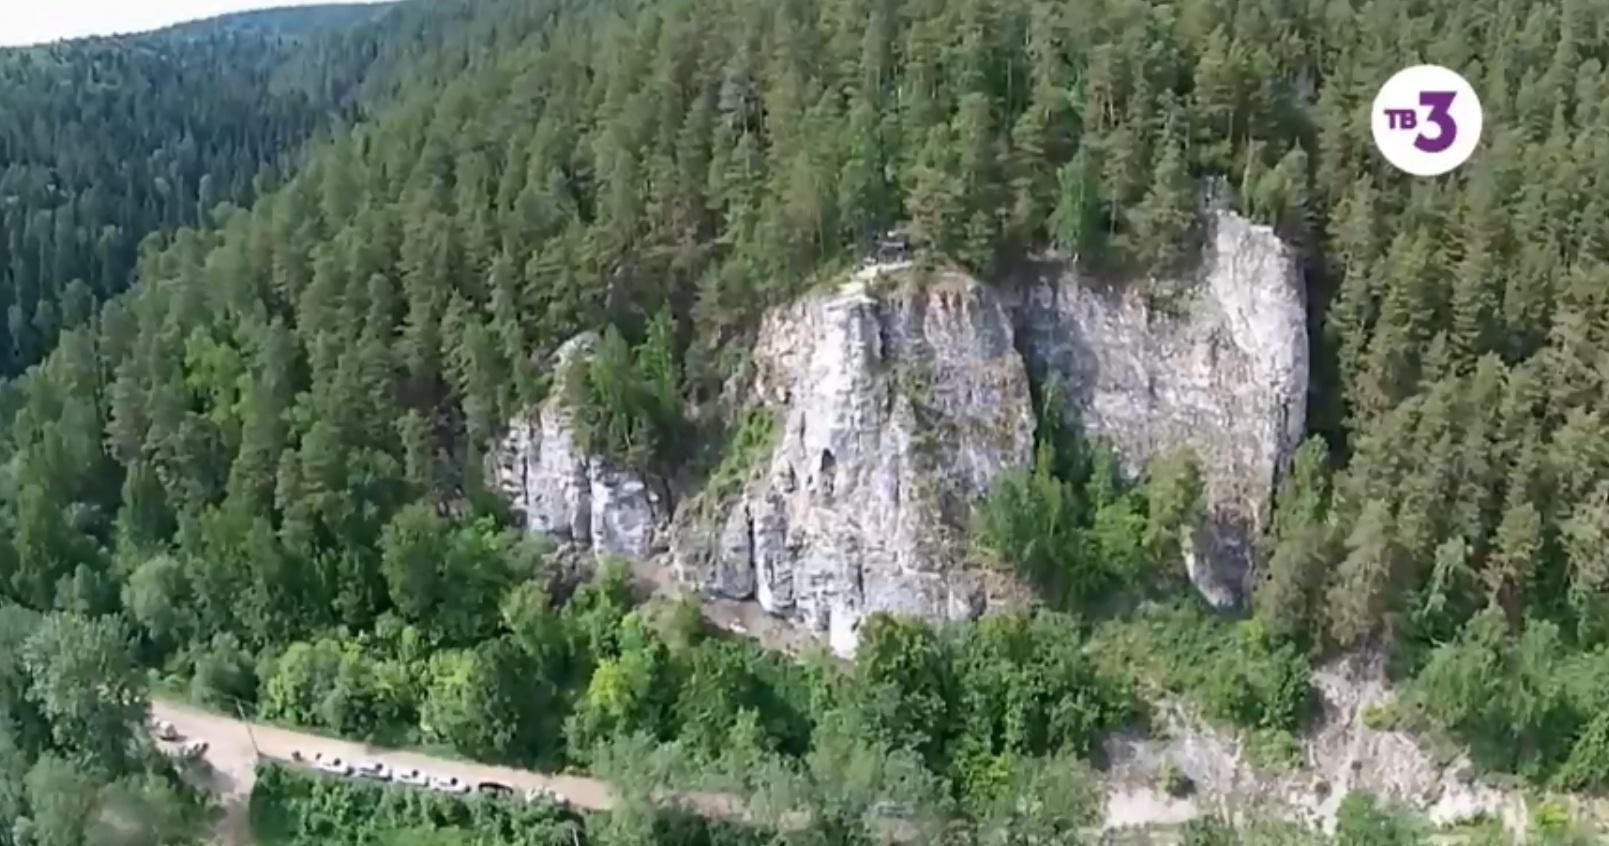 Это скала Ермак в Кунгурском районе, недалеко от этого места и пропала Катя девять лет назад — 12 июня 2010 года